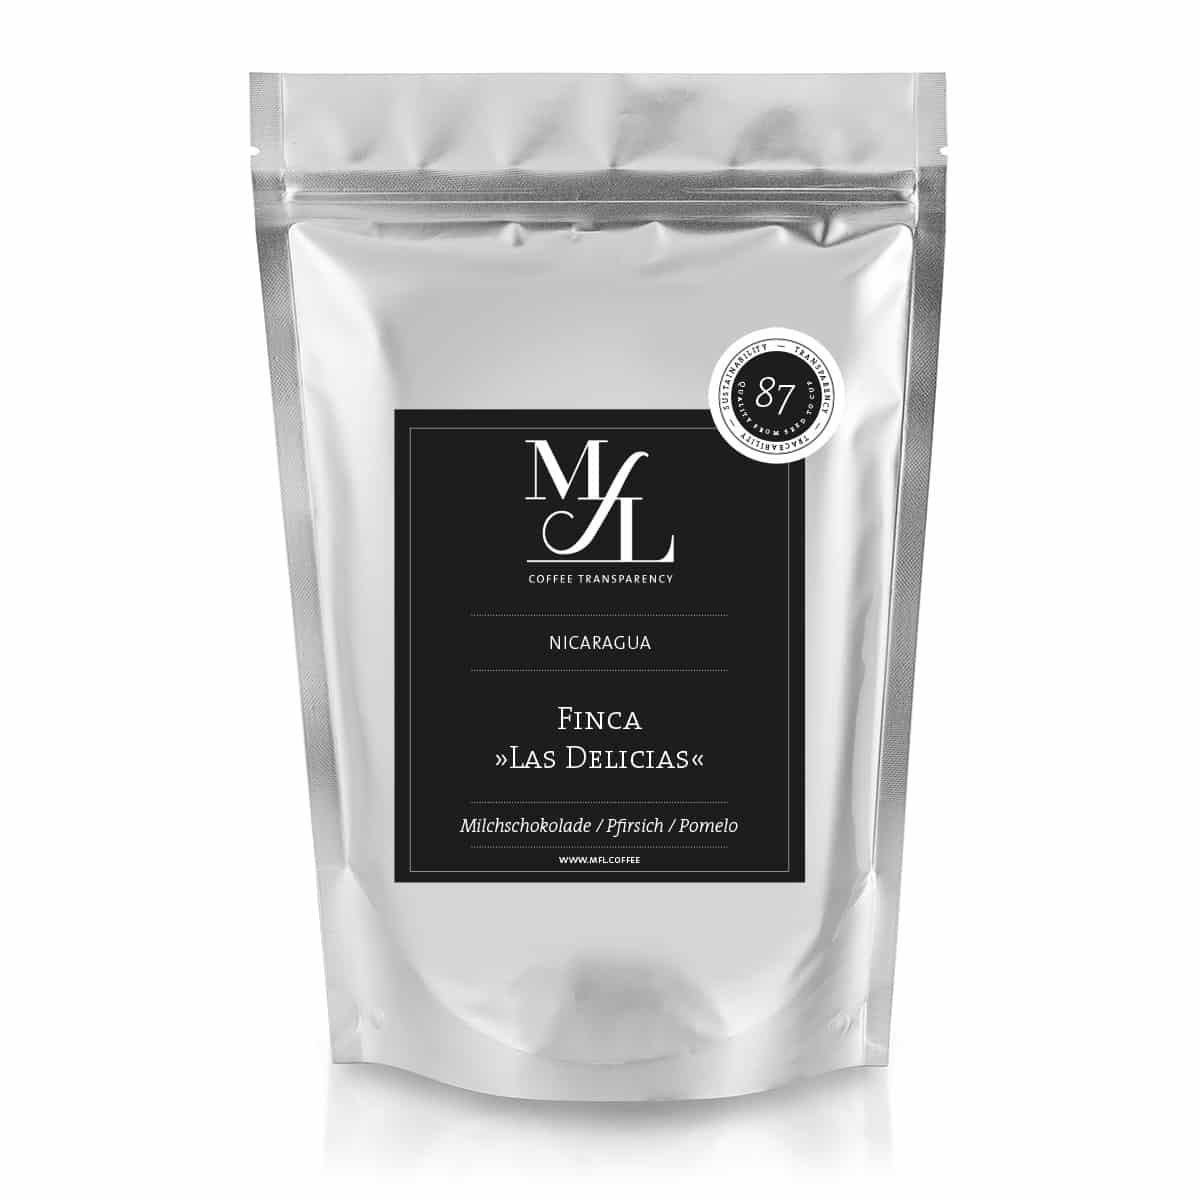 Kaffee-Nicaragua-Finca-Las-Delicias-Javanica-vorne